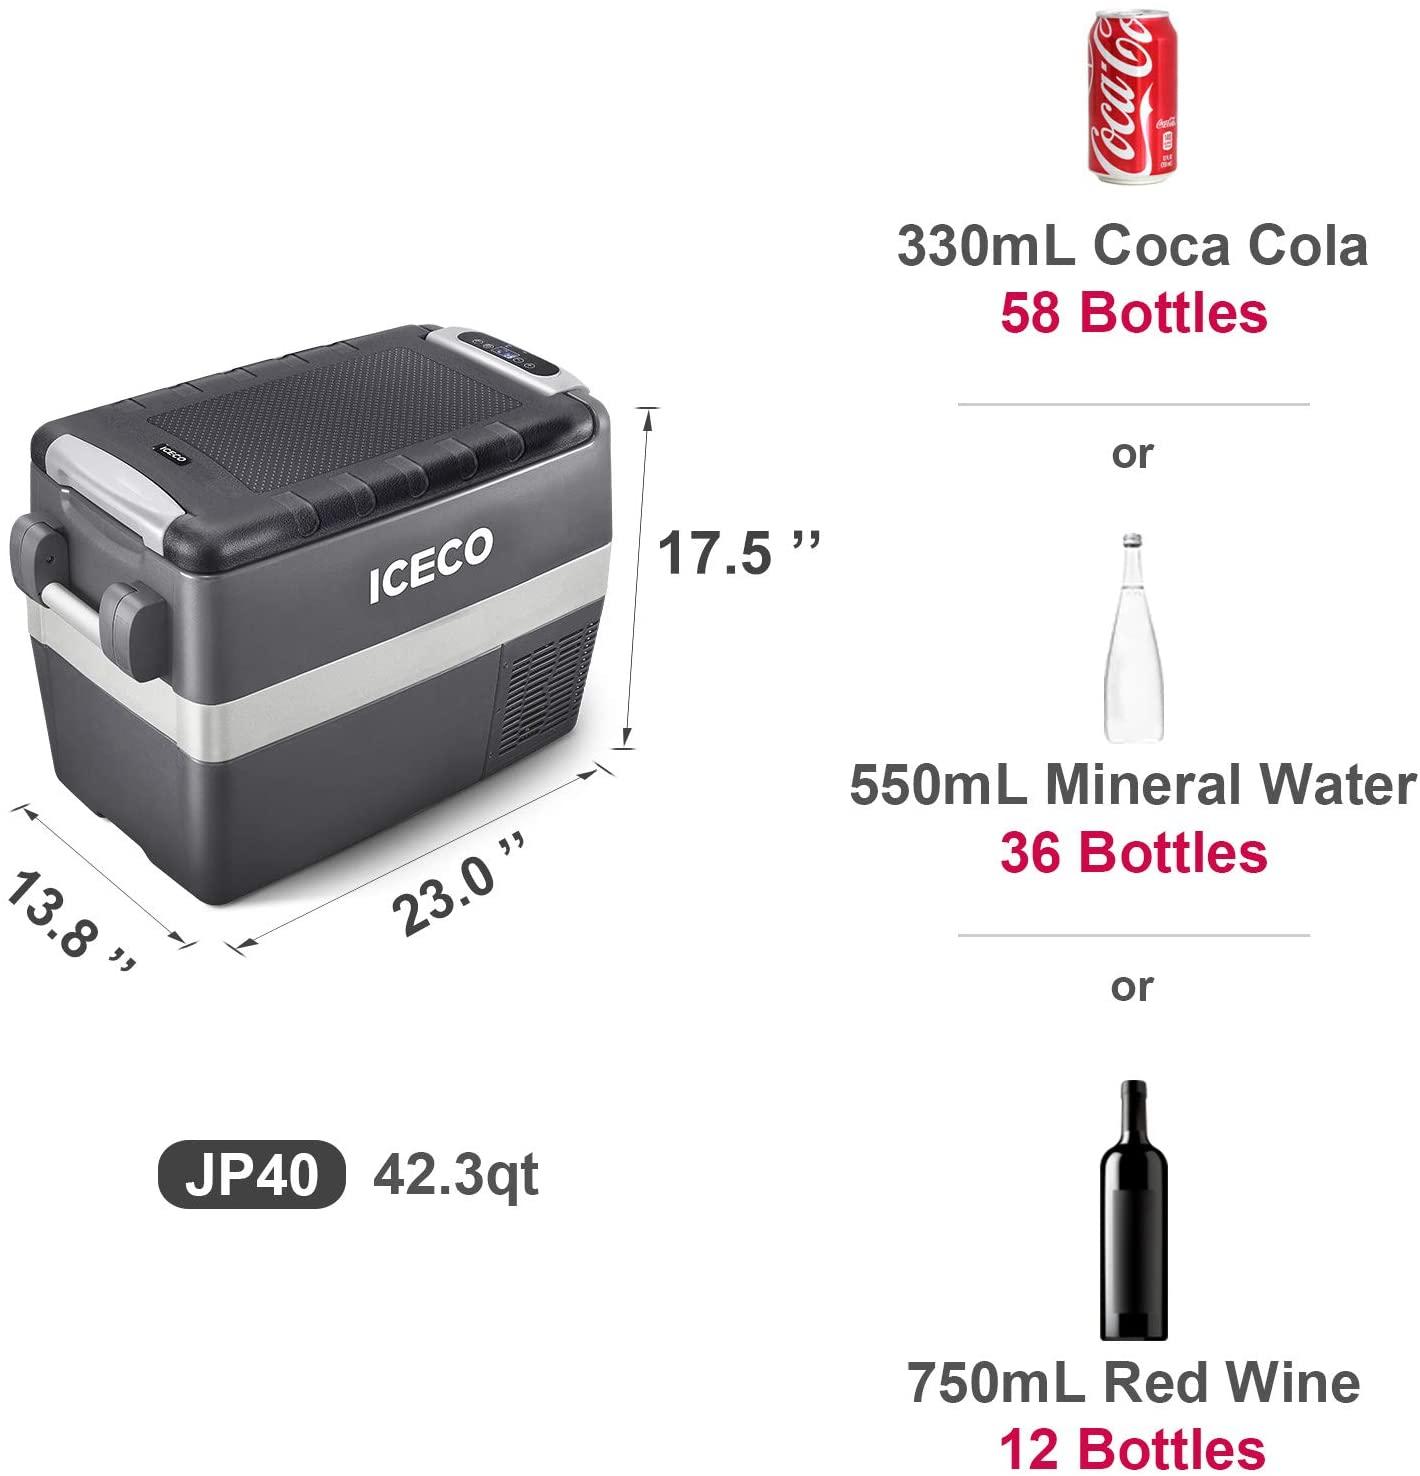 ICECO JP40 Portable Refrigerator Fridge Freezer Specs